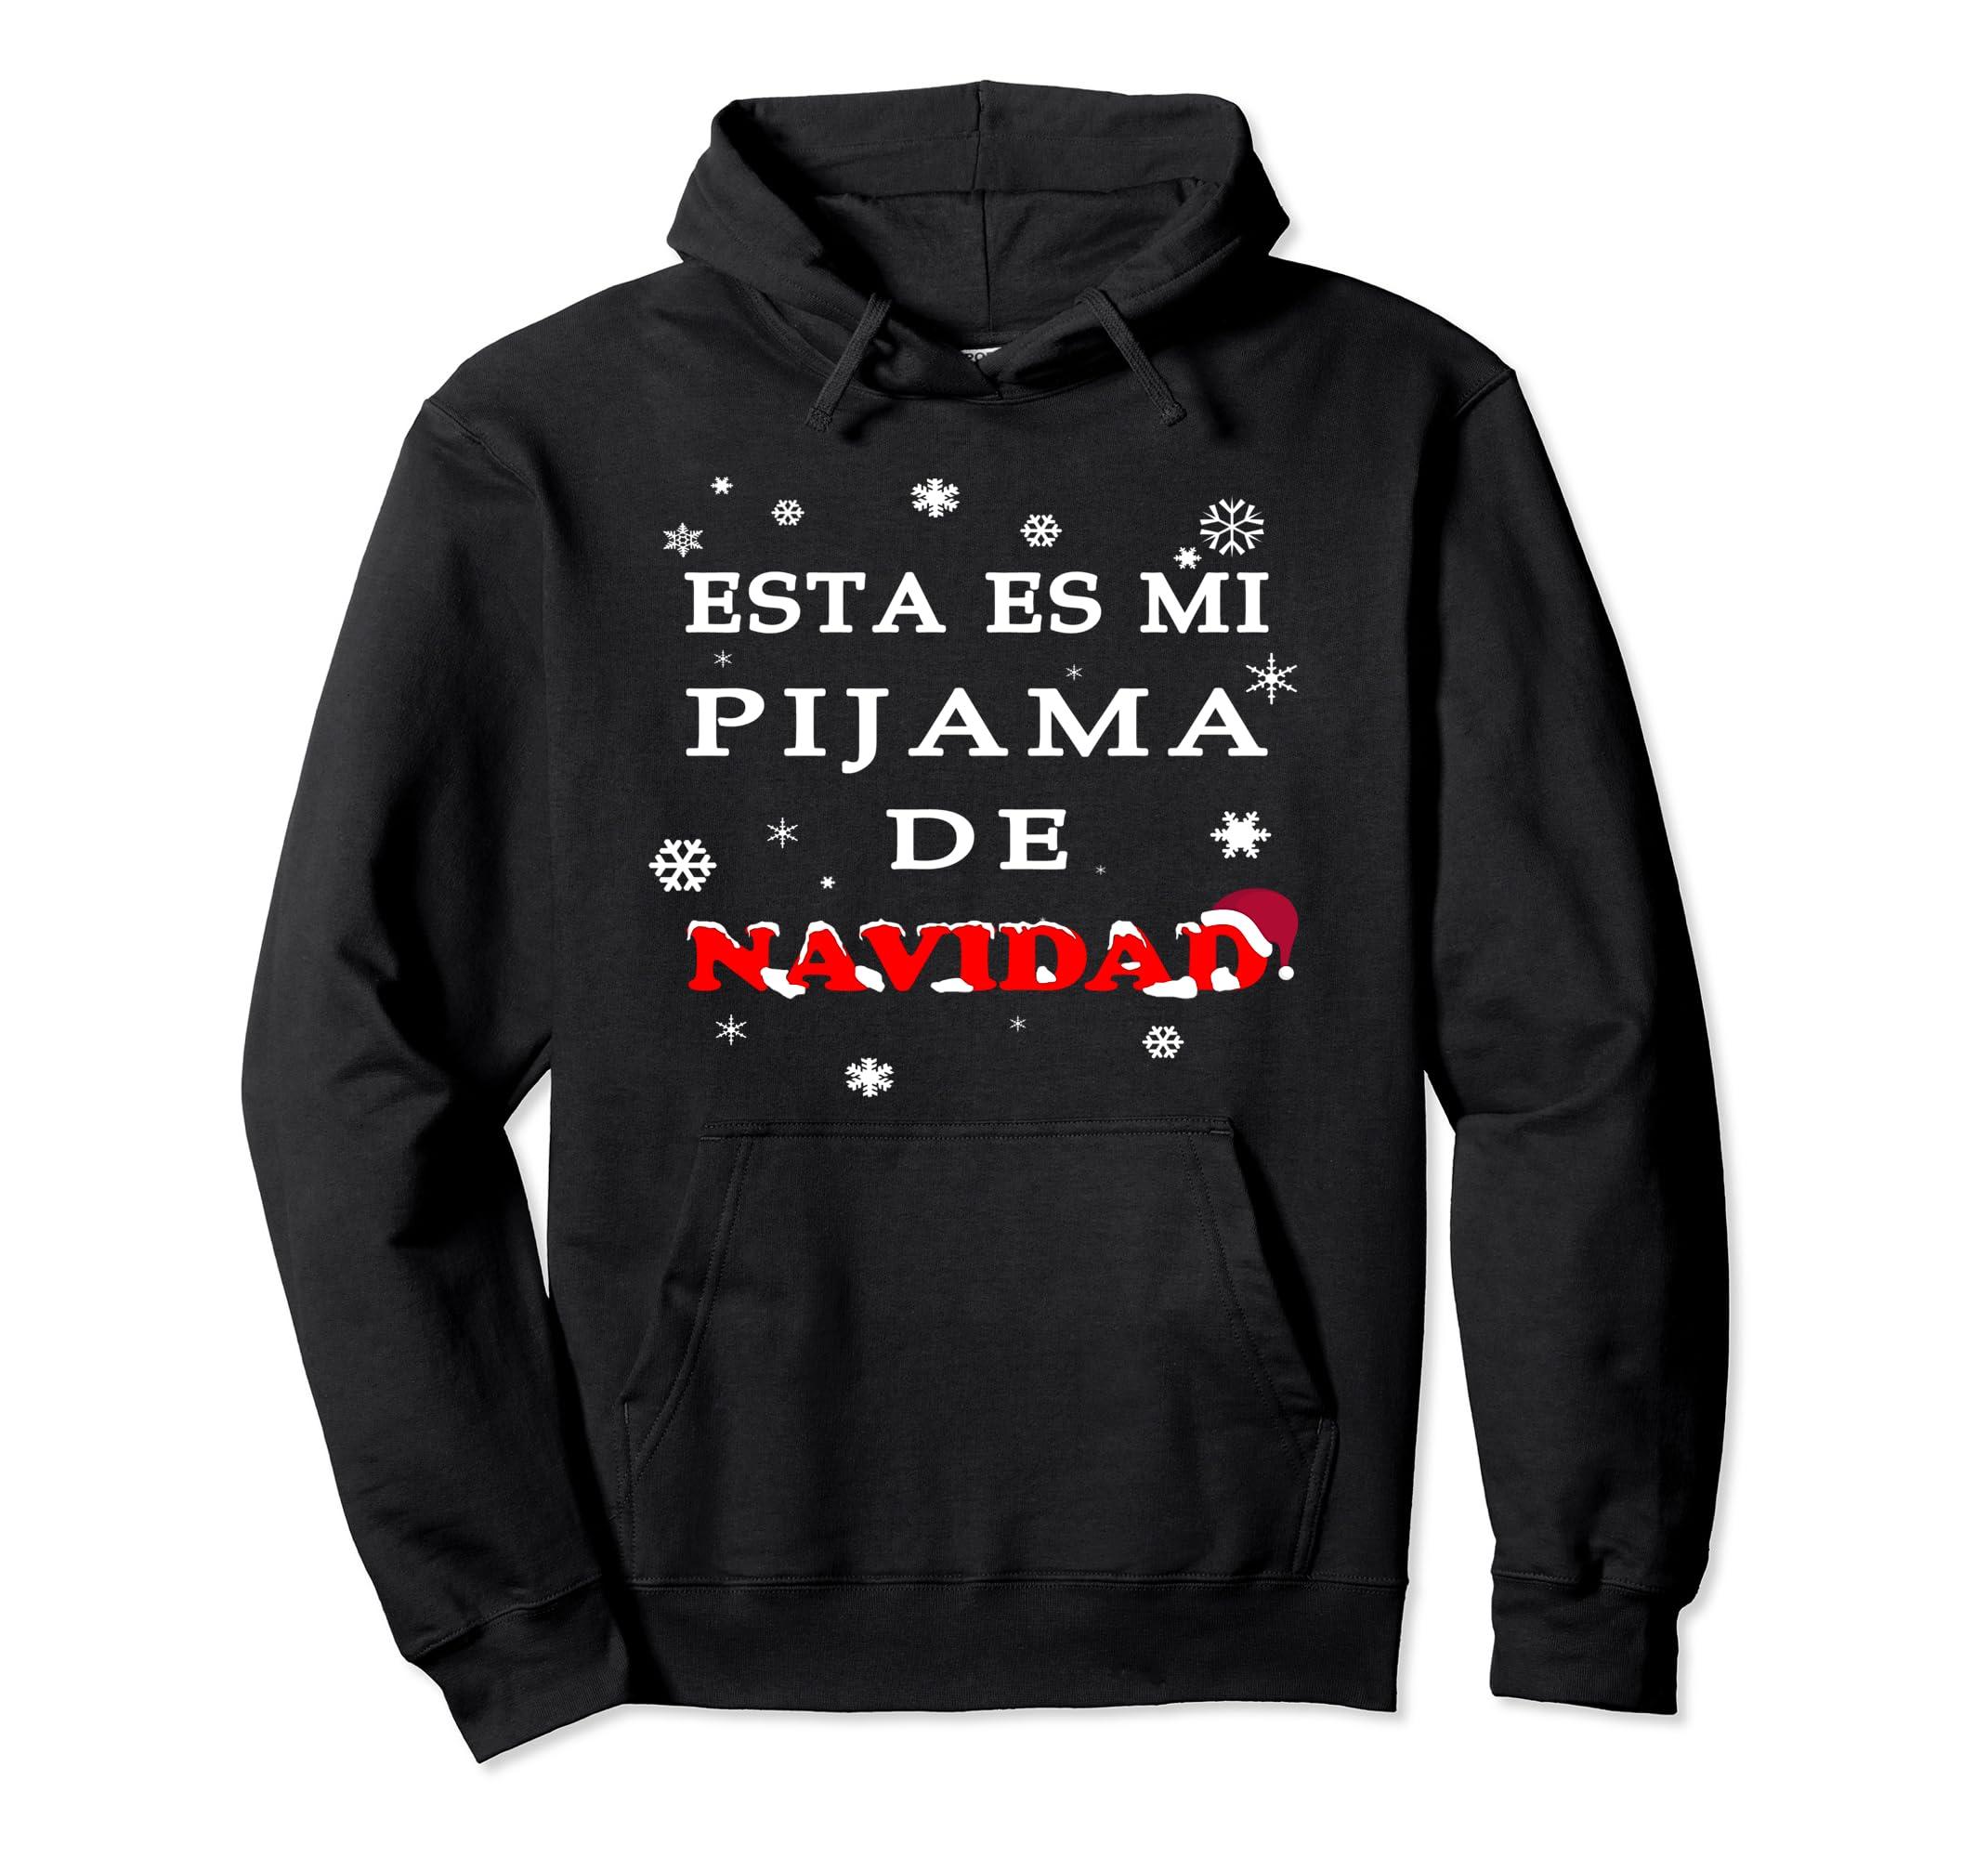 Amazon.com: Esta Es Mi Pijama De Navidad Sudadera Hoodie Spanish Sueter: Clothing